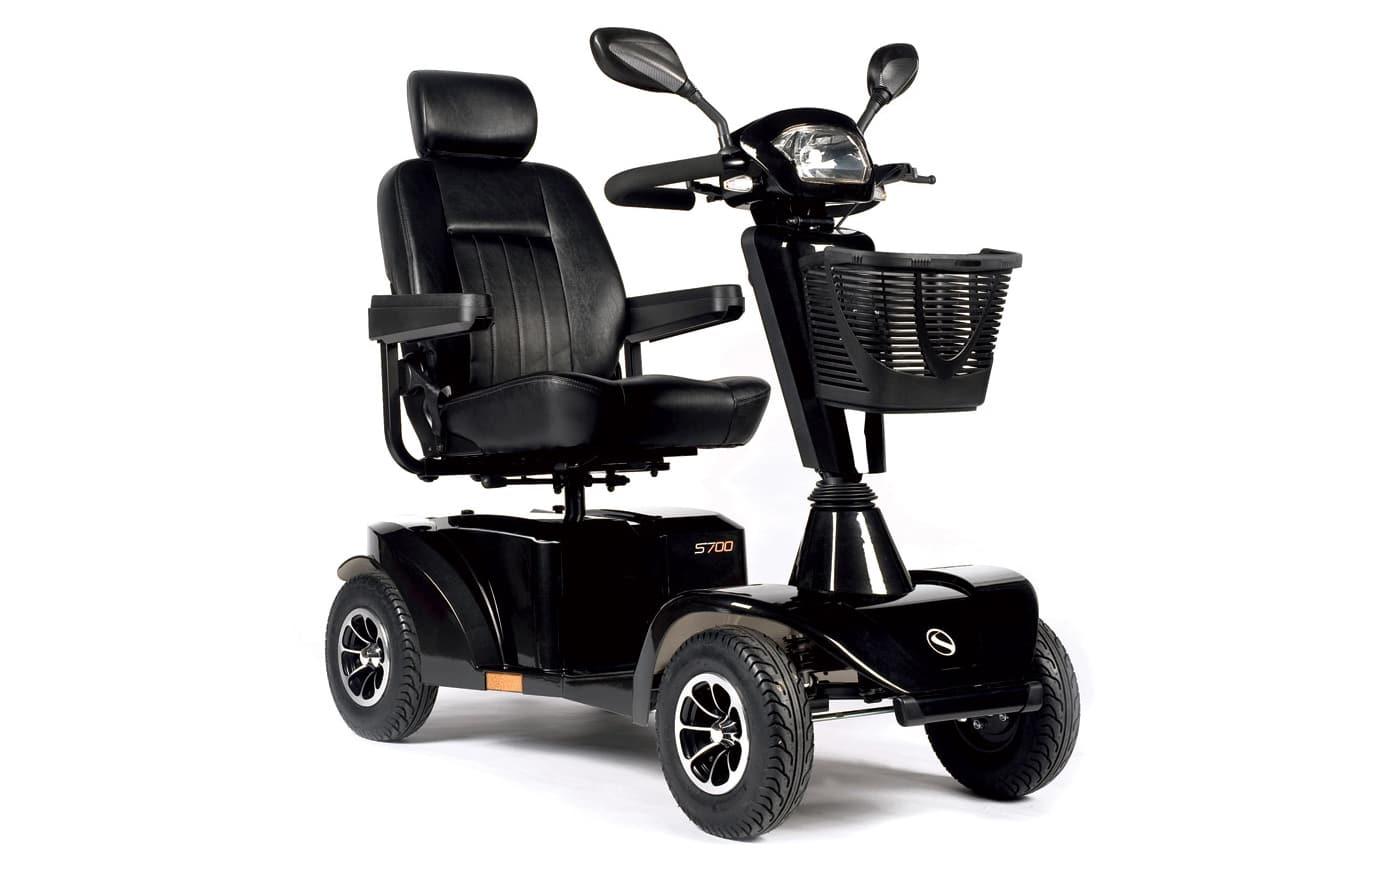 Scooter preta com cesto vista de perfil